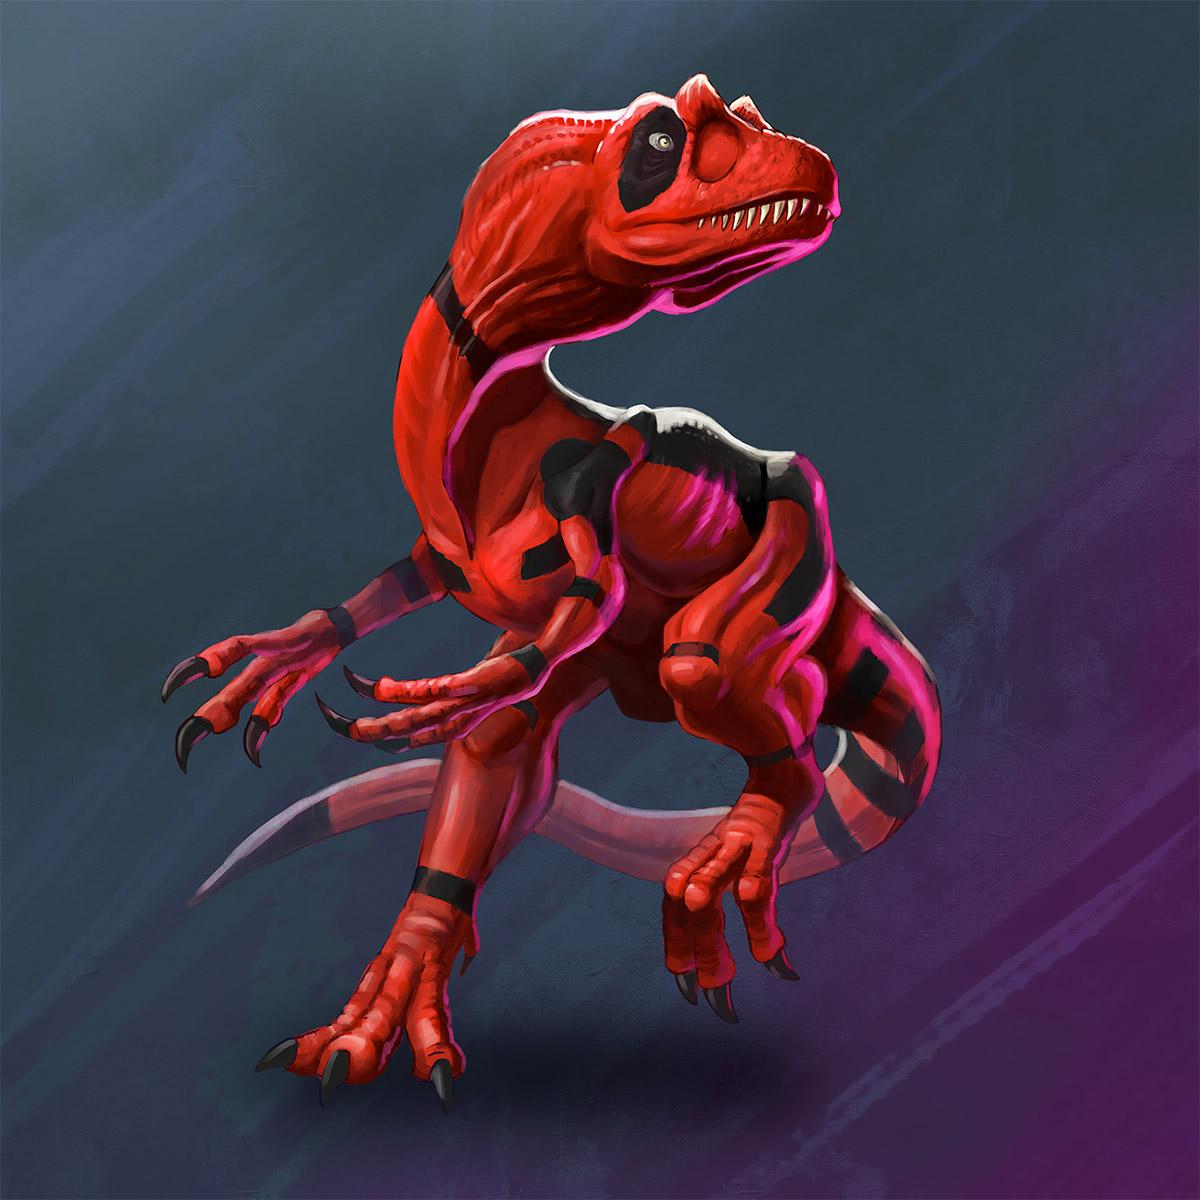 Dinosaur Heroes & Villains: Illustrations by Kolby Larsen (11 pics)